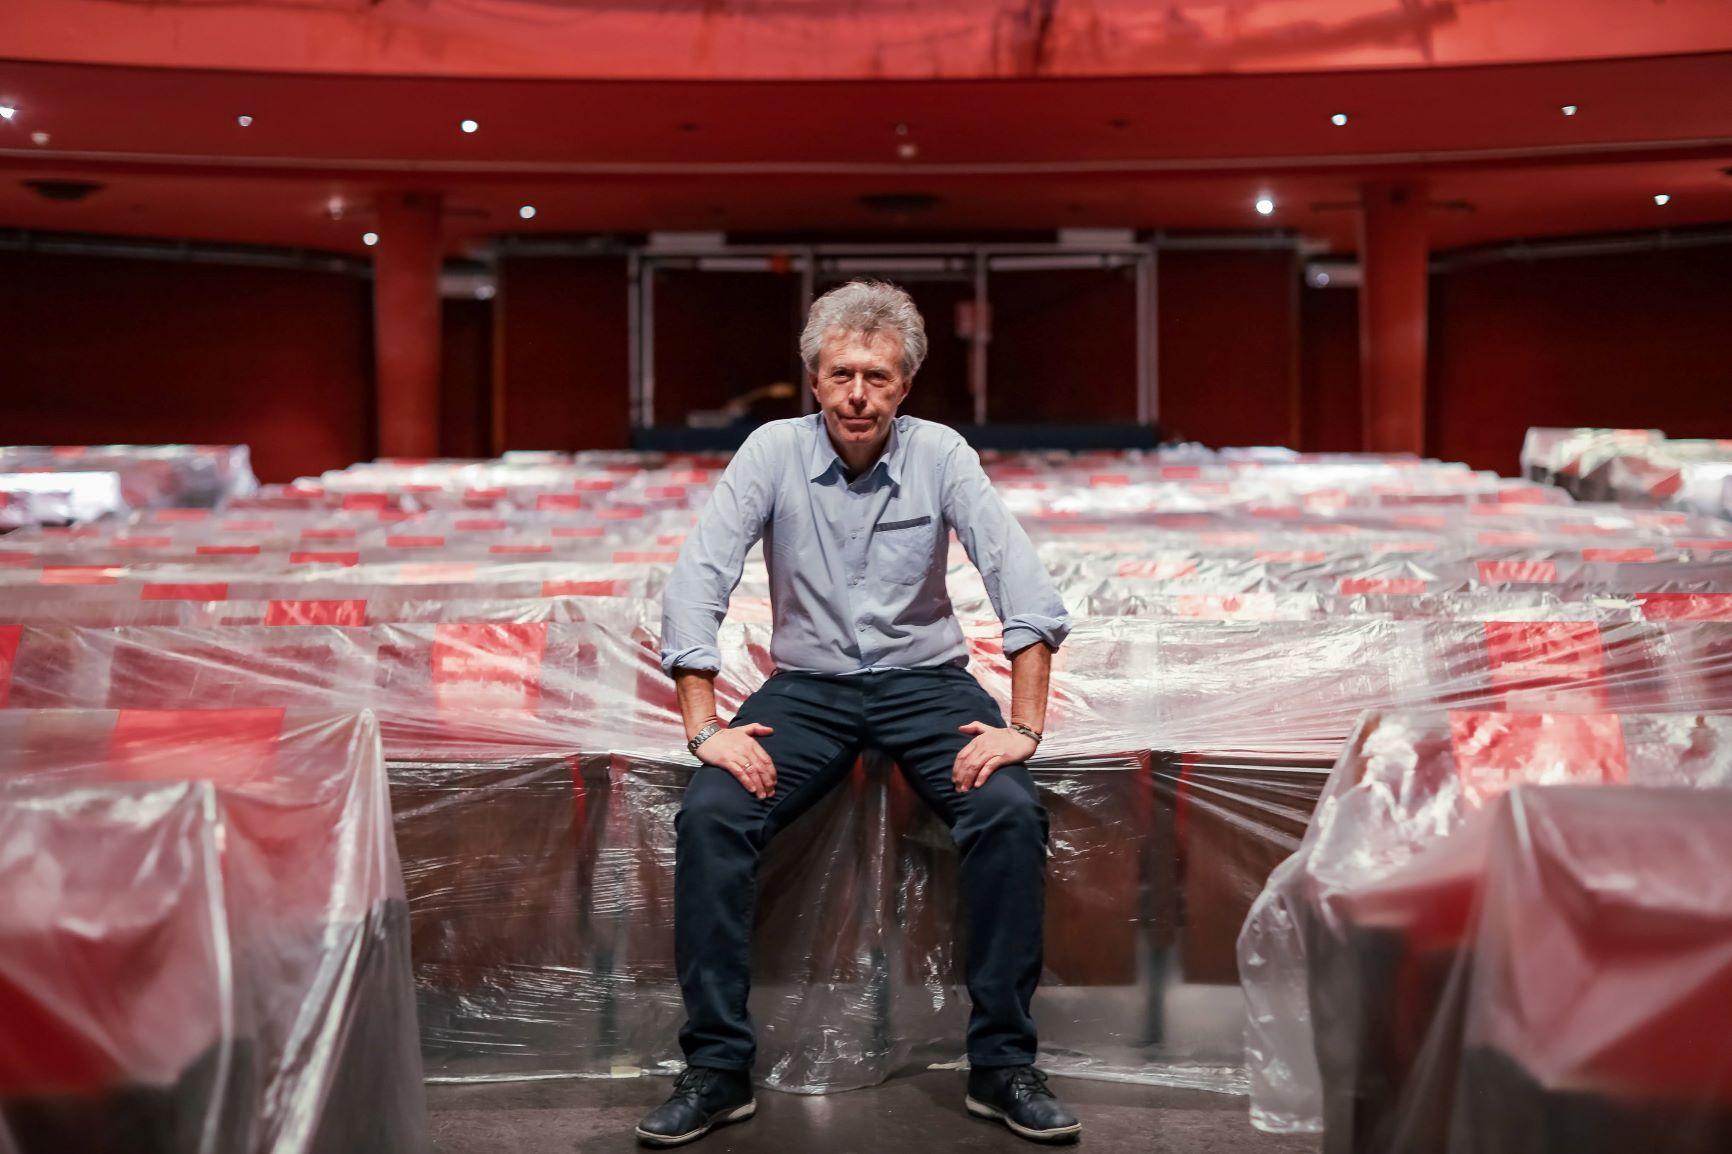 Teatro Carcano Milano: lunedì 15 marzo primo appuntamento online di CONTROCORRENTE di e con Paolo Colombo